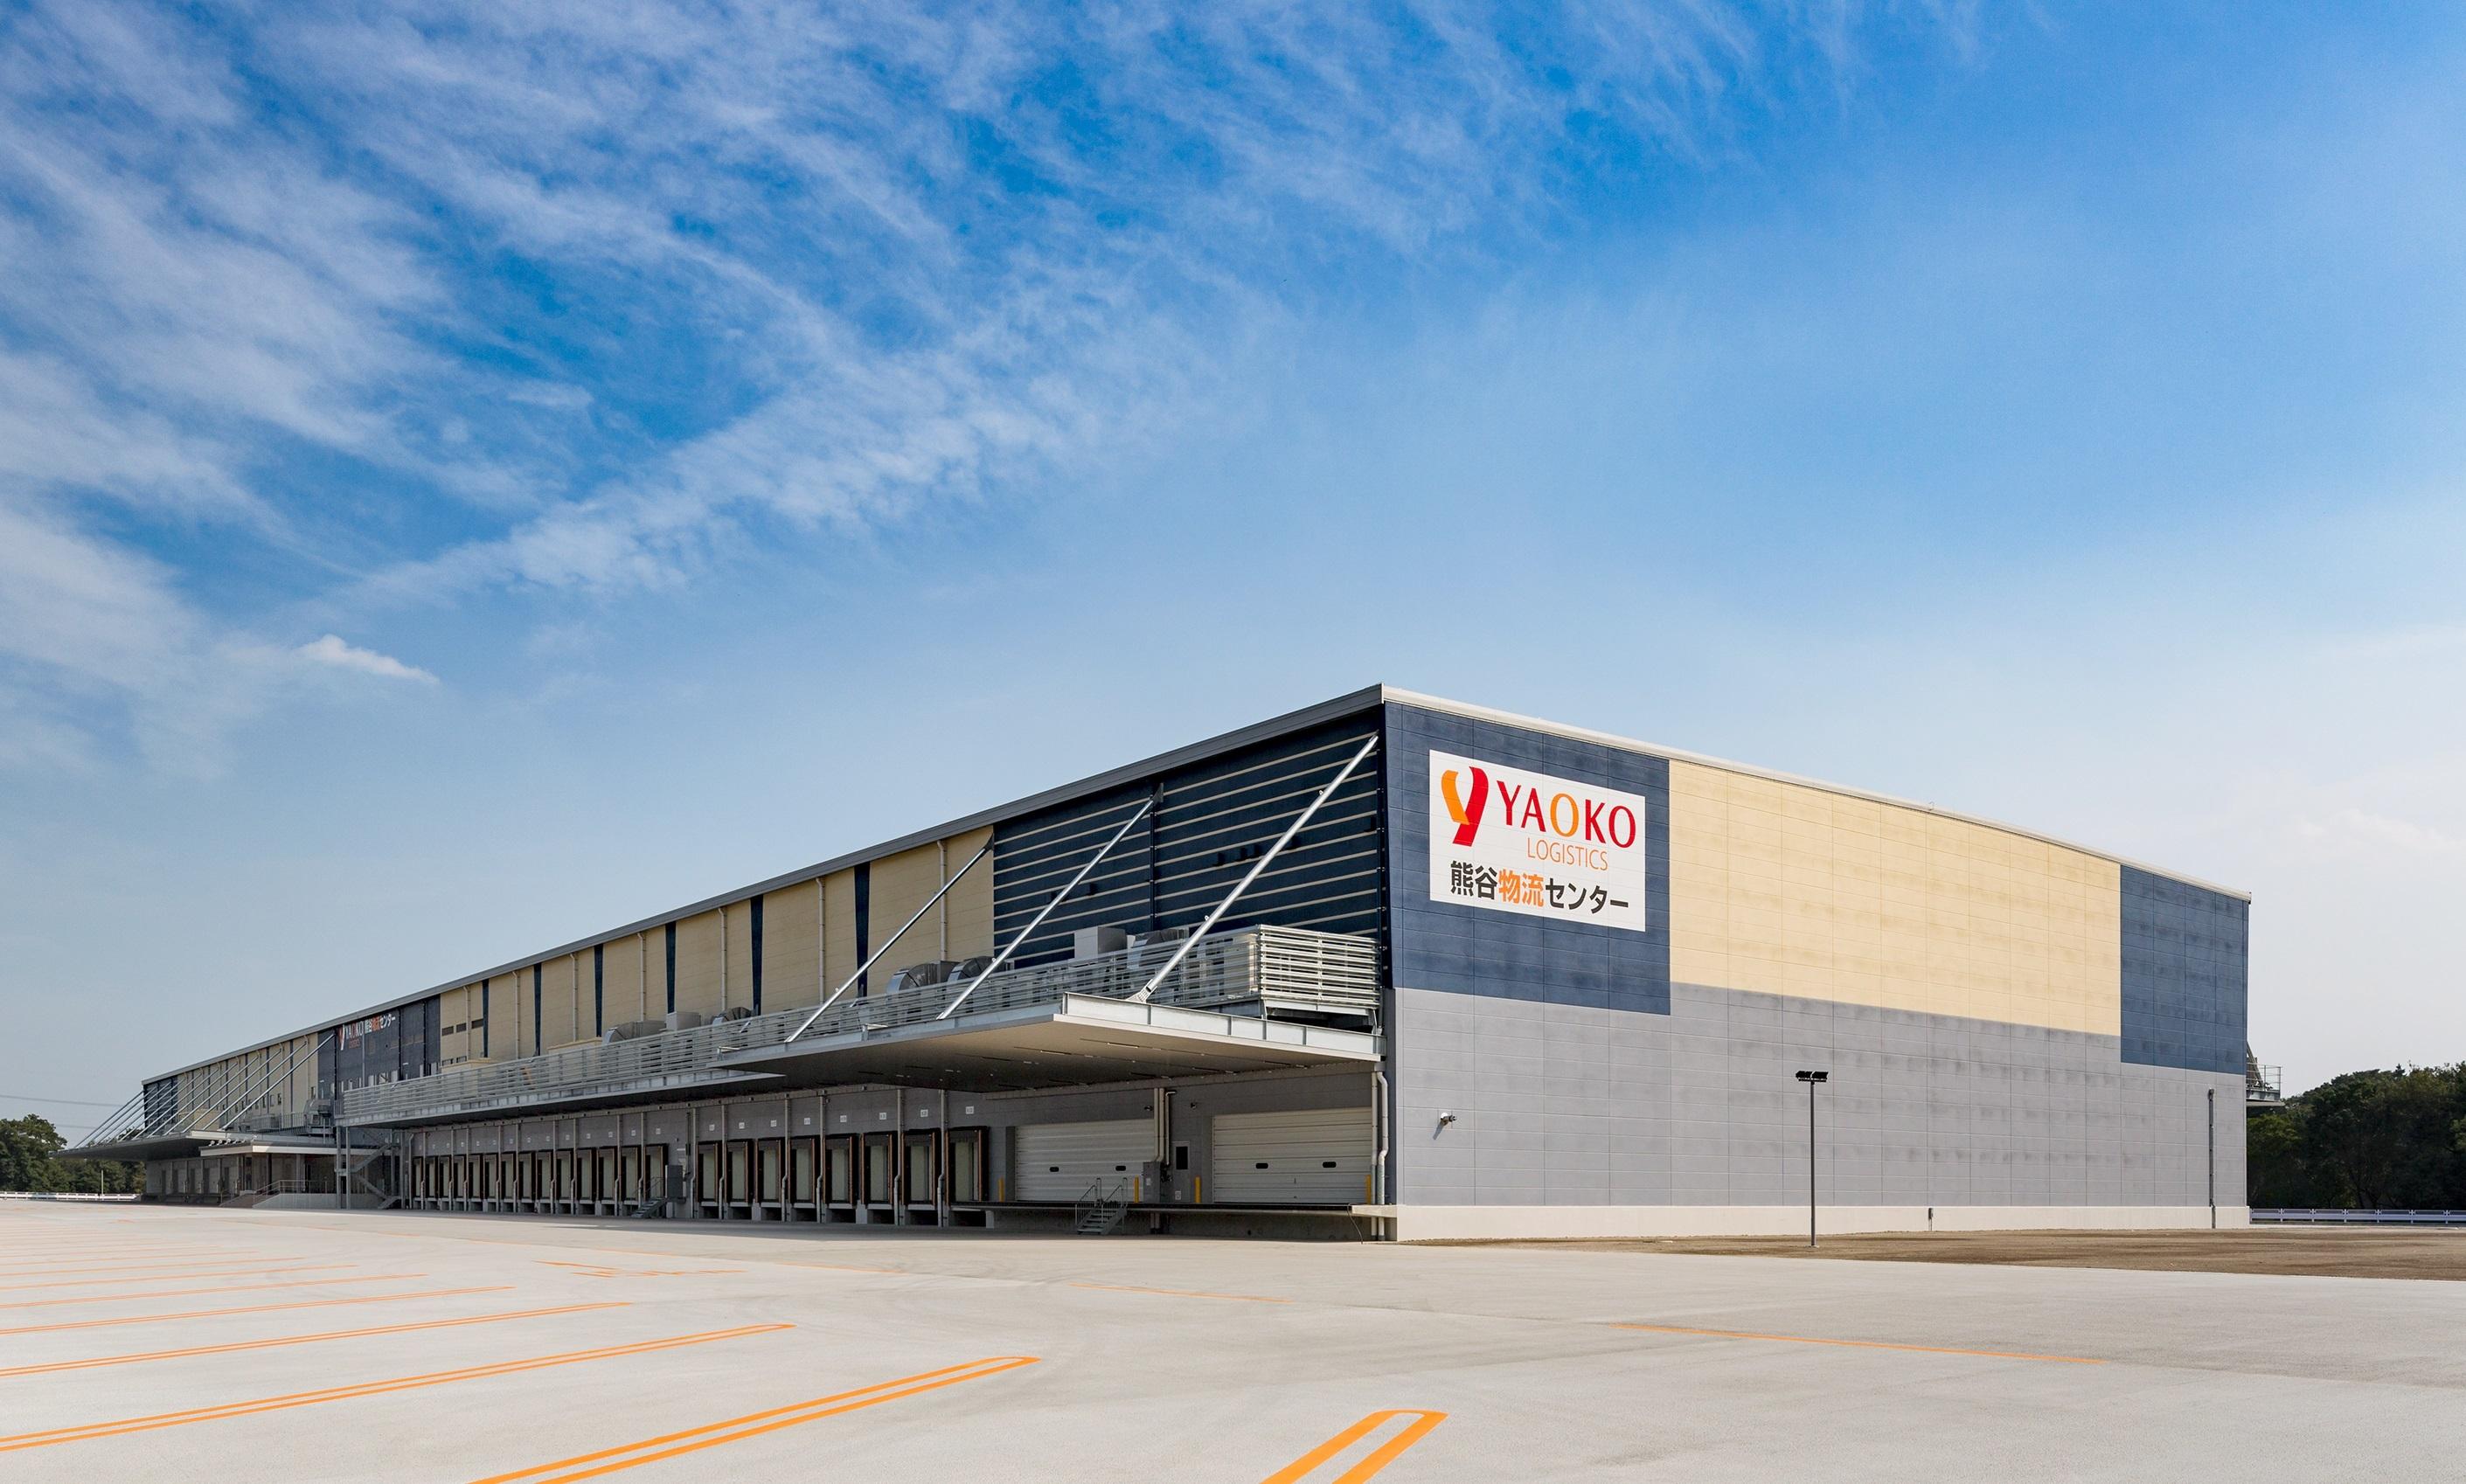 【某物流センター】大手スーパーの配送センターです。